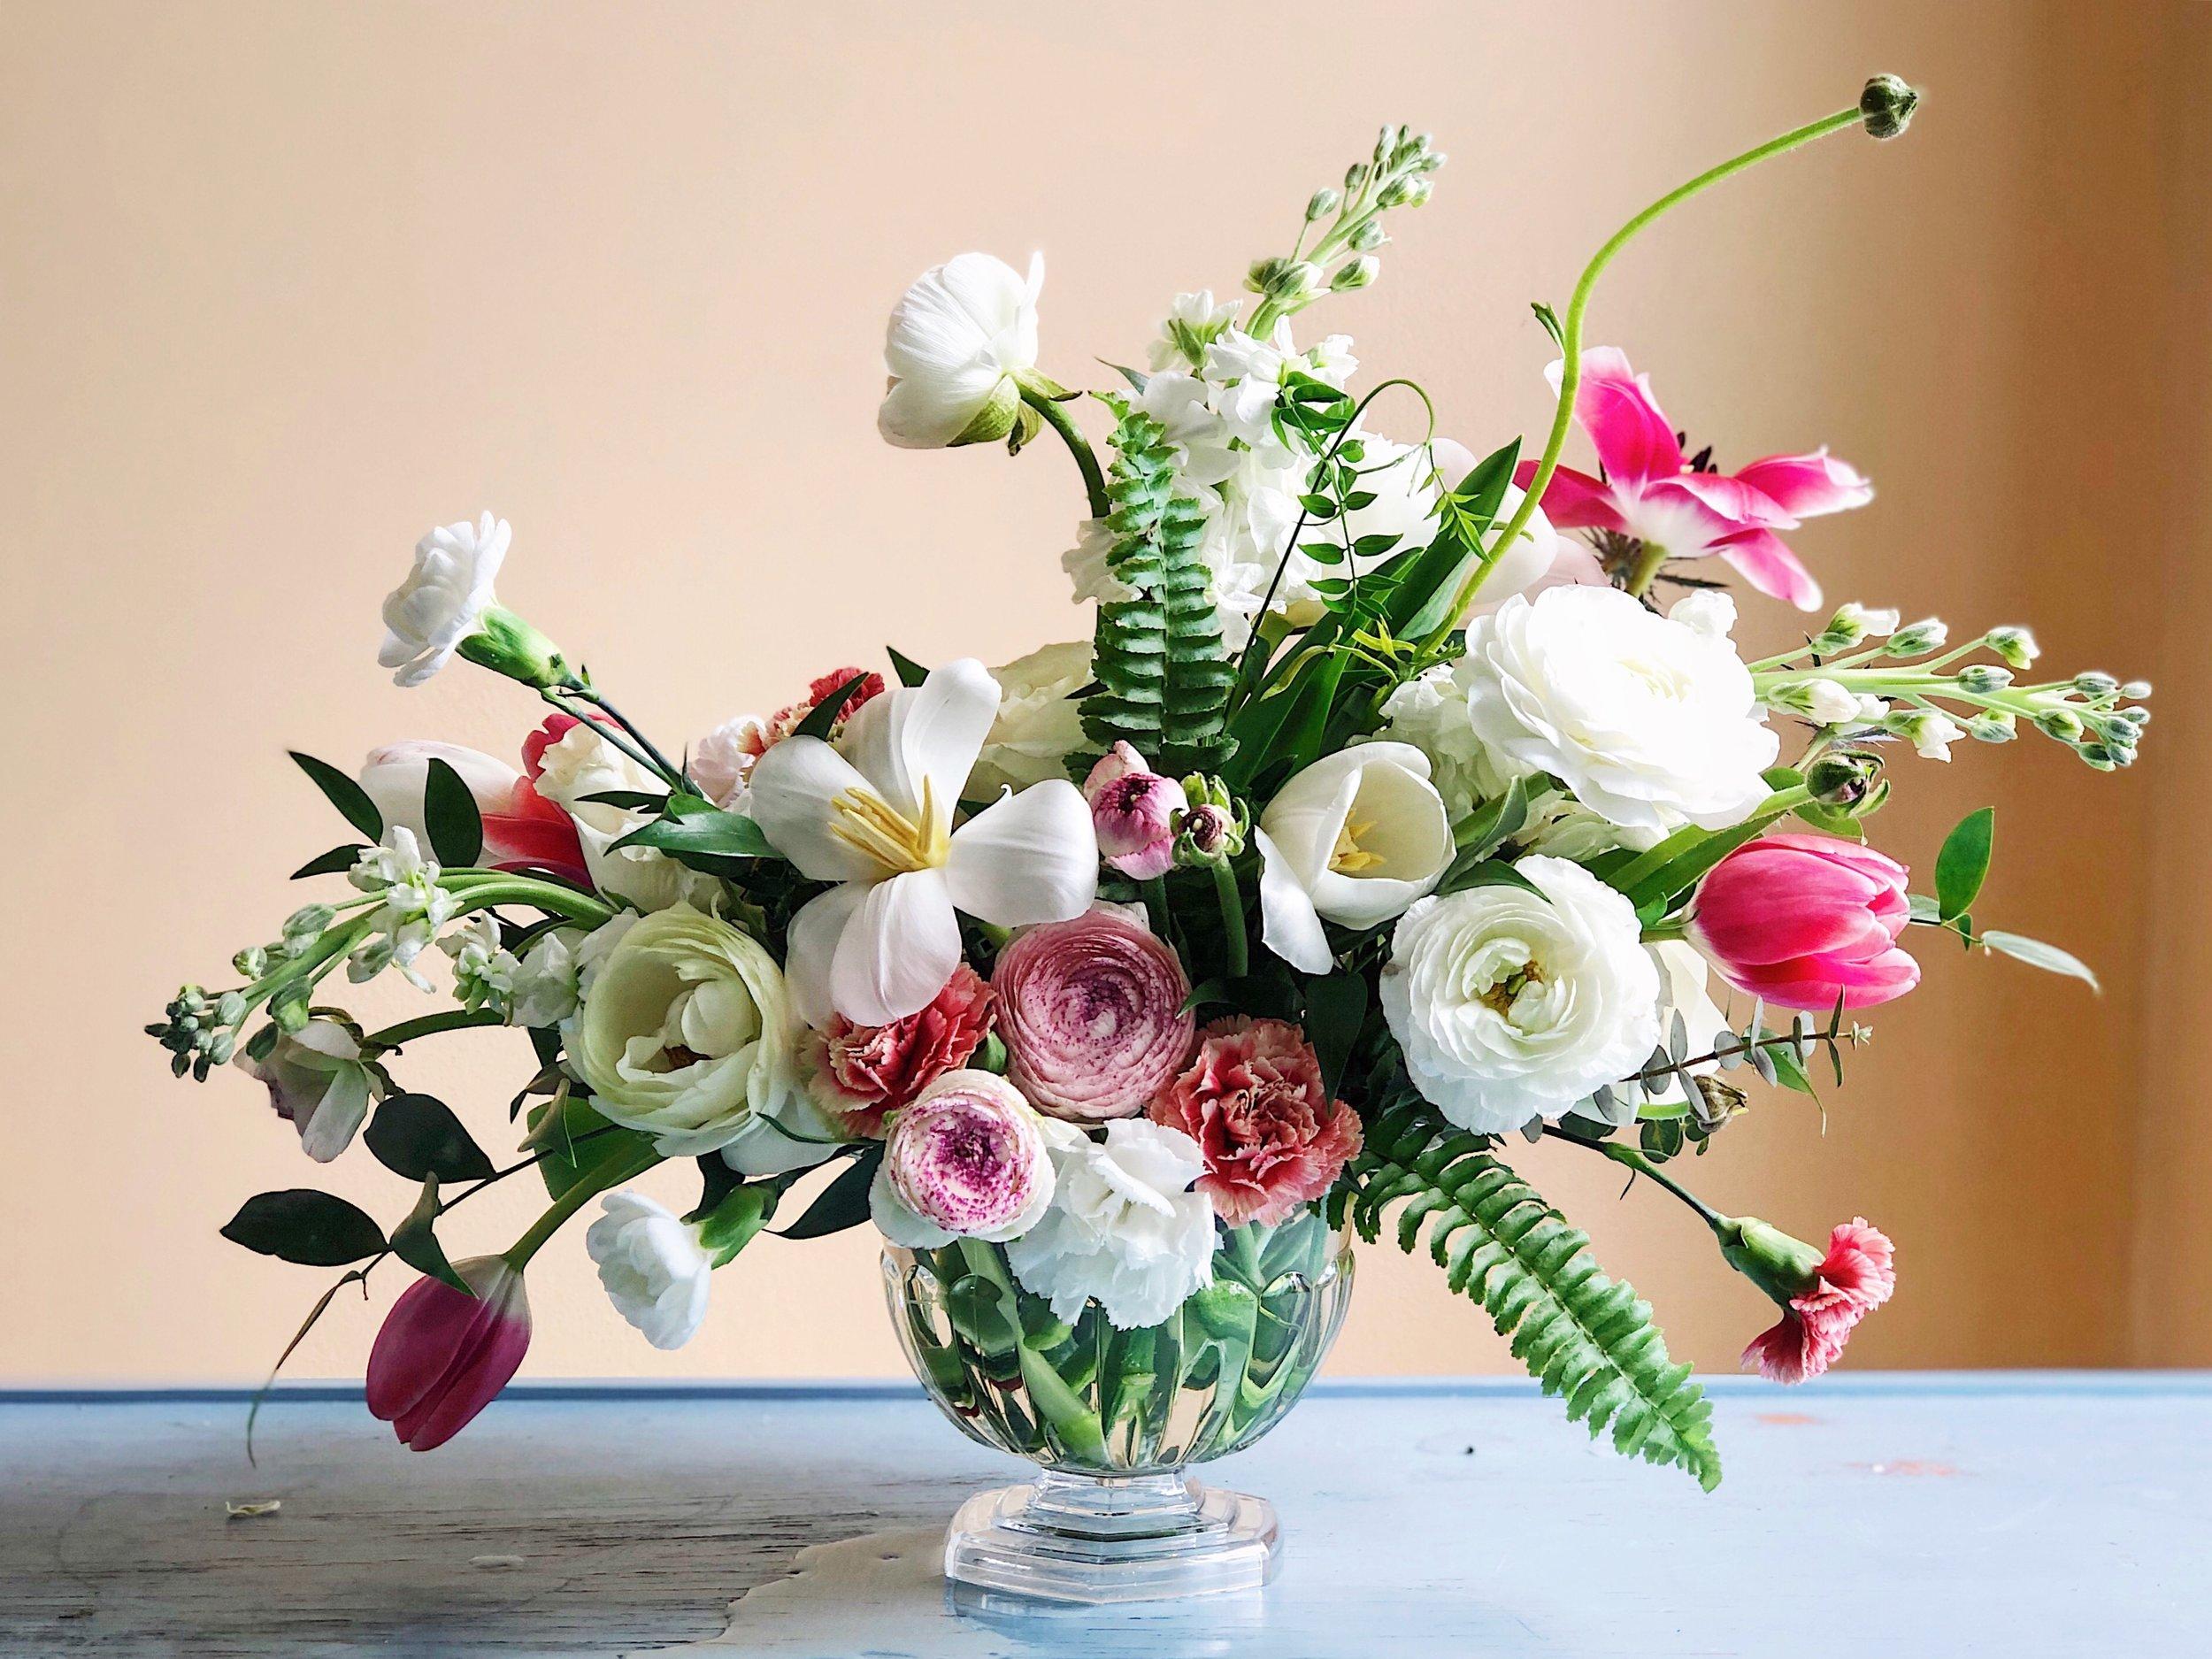 moonrisefloral spring arrangement.JPG